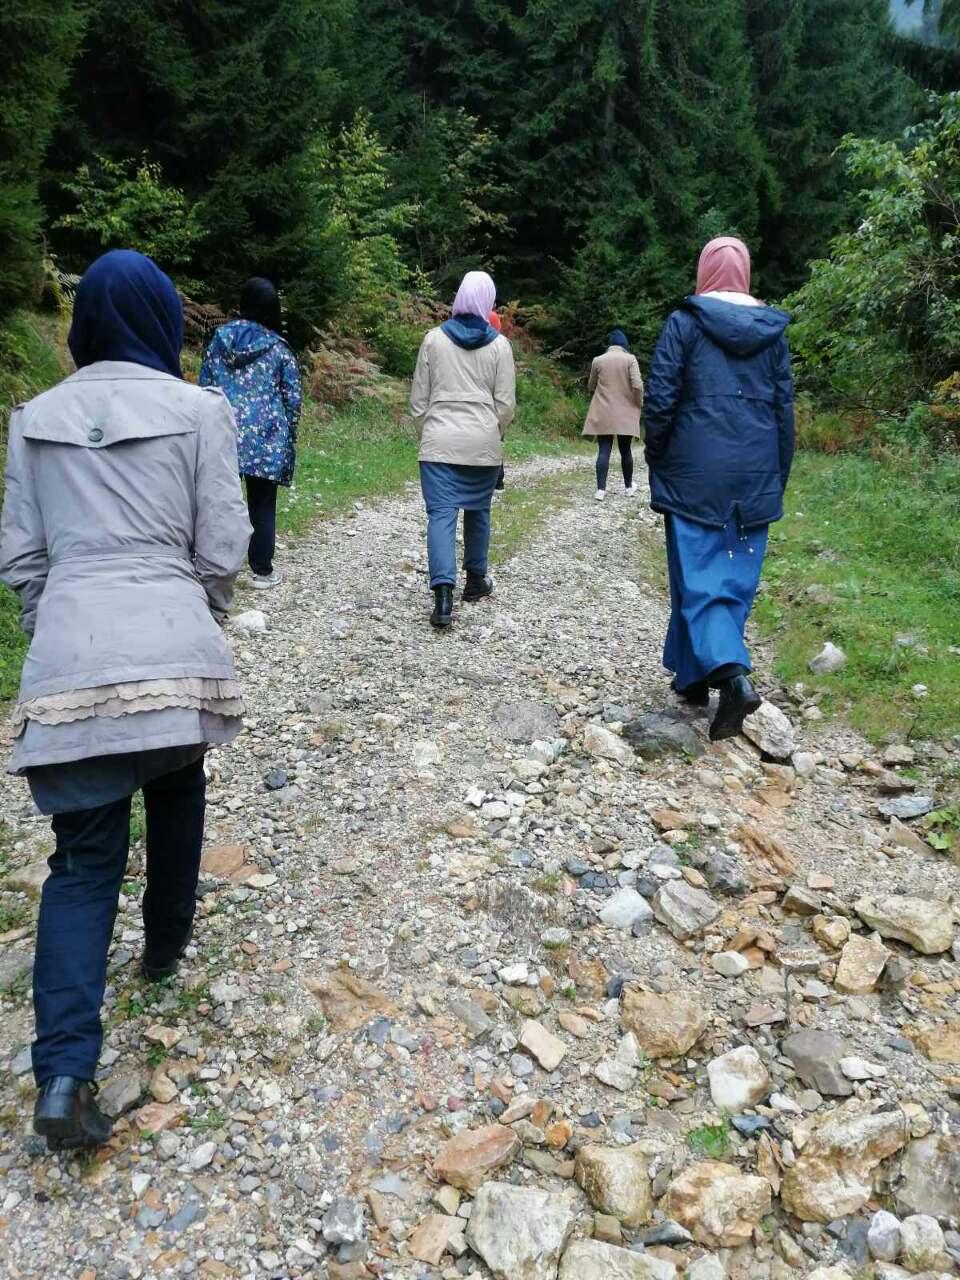 Trening o vrsnjackom mentorstvu Fondacije Izvor nade, boravak u prirodi 2019.